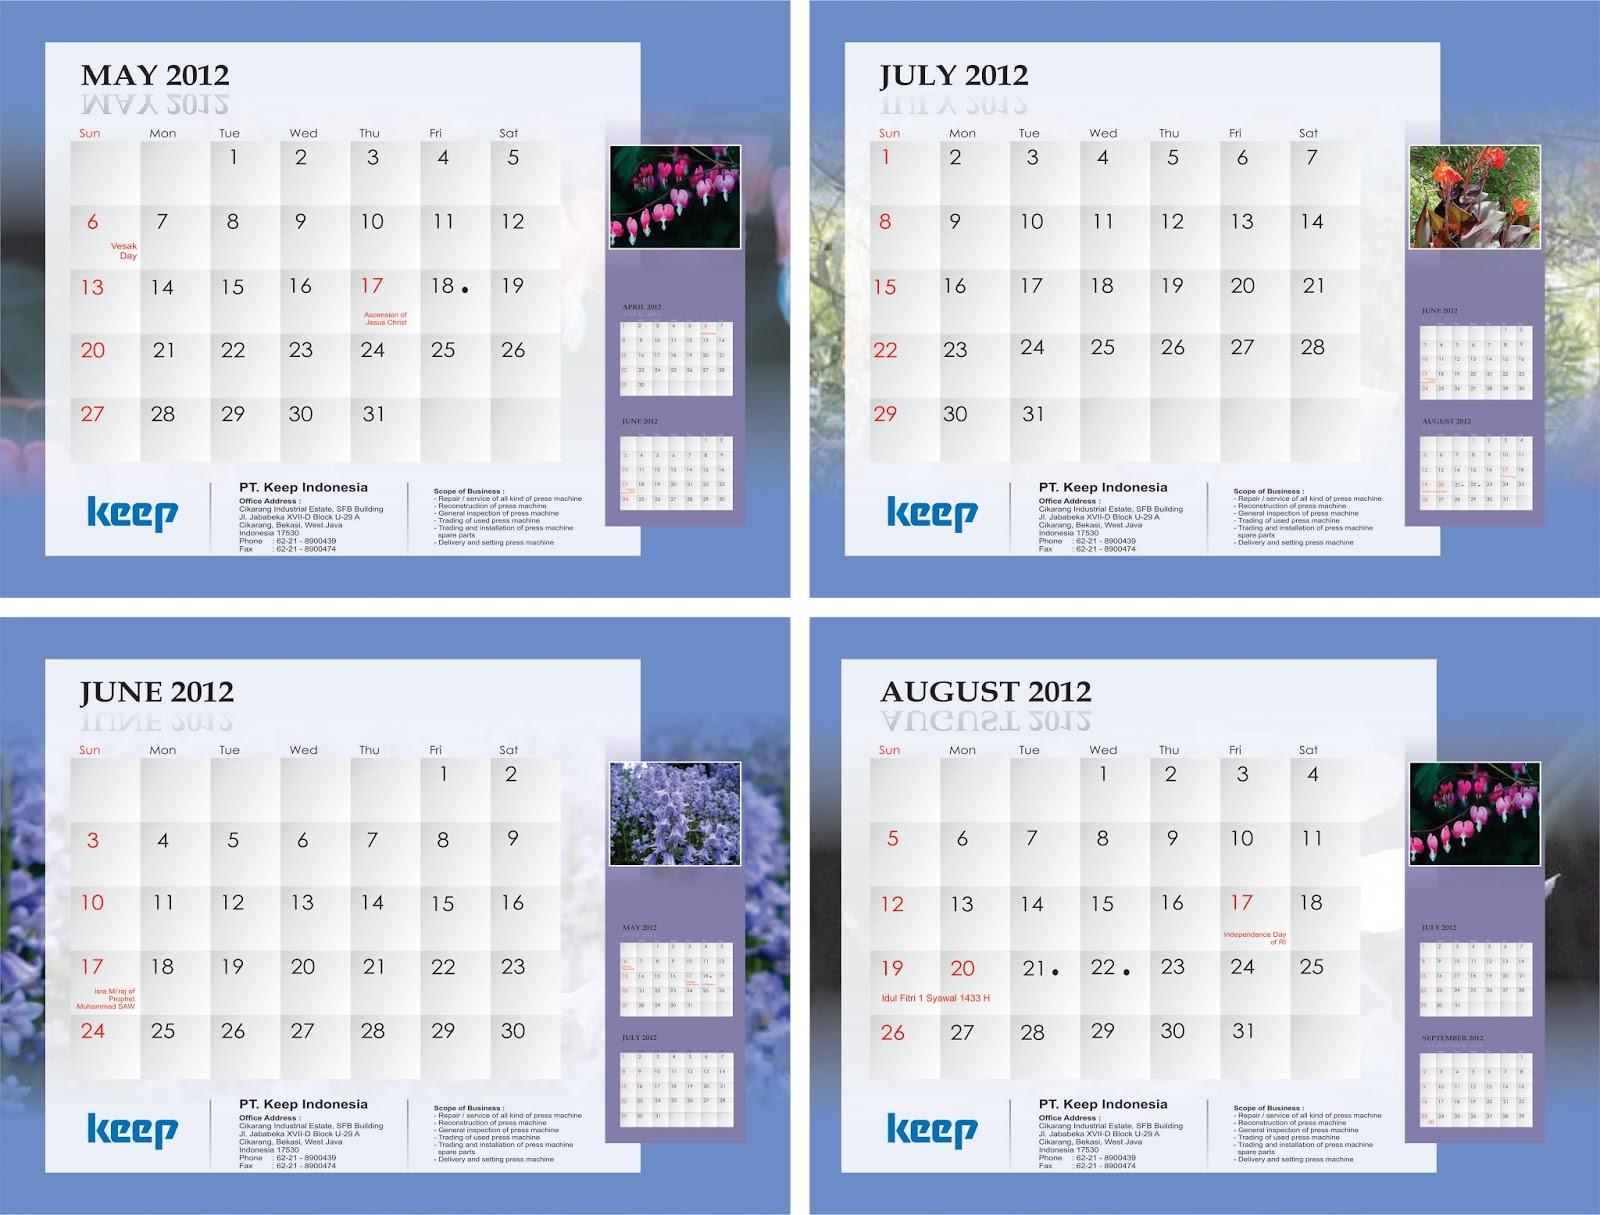 64+ Populer Desain Kalender Cdr Gratis, Desain Kalender